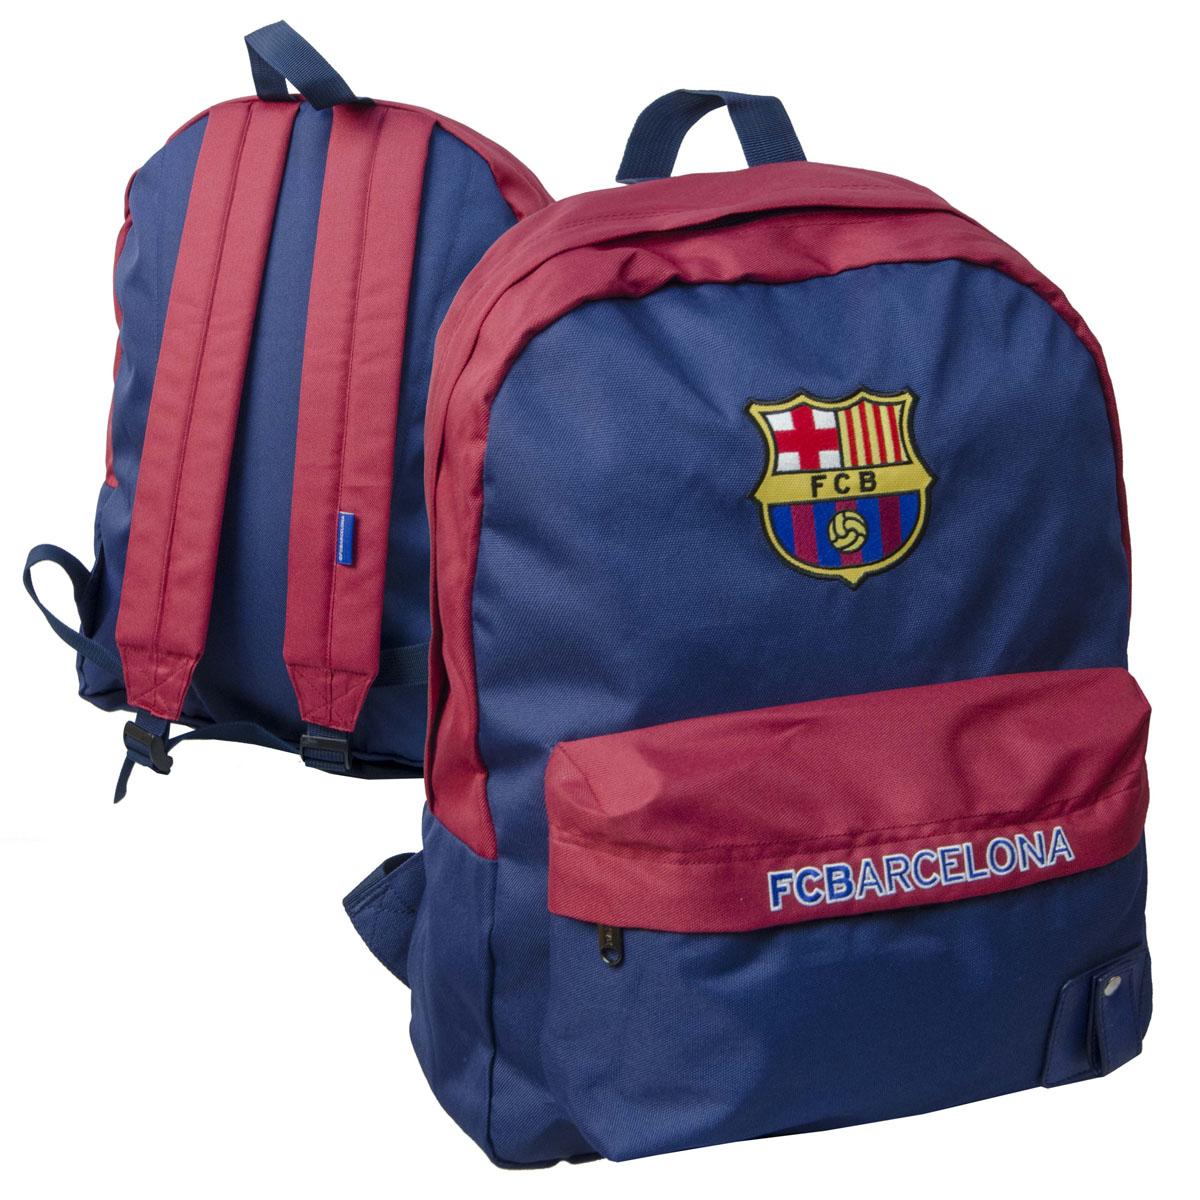 Рюкзак спортивный FC Barcelona, цвет: сине-гранатовый, 18 л. 18923